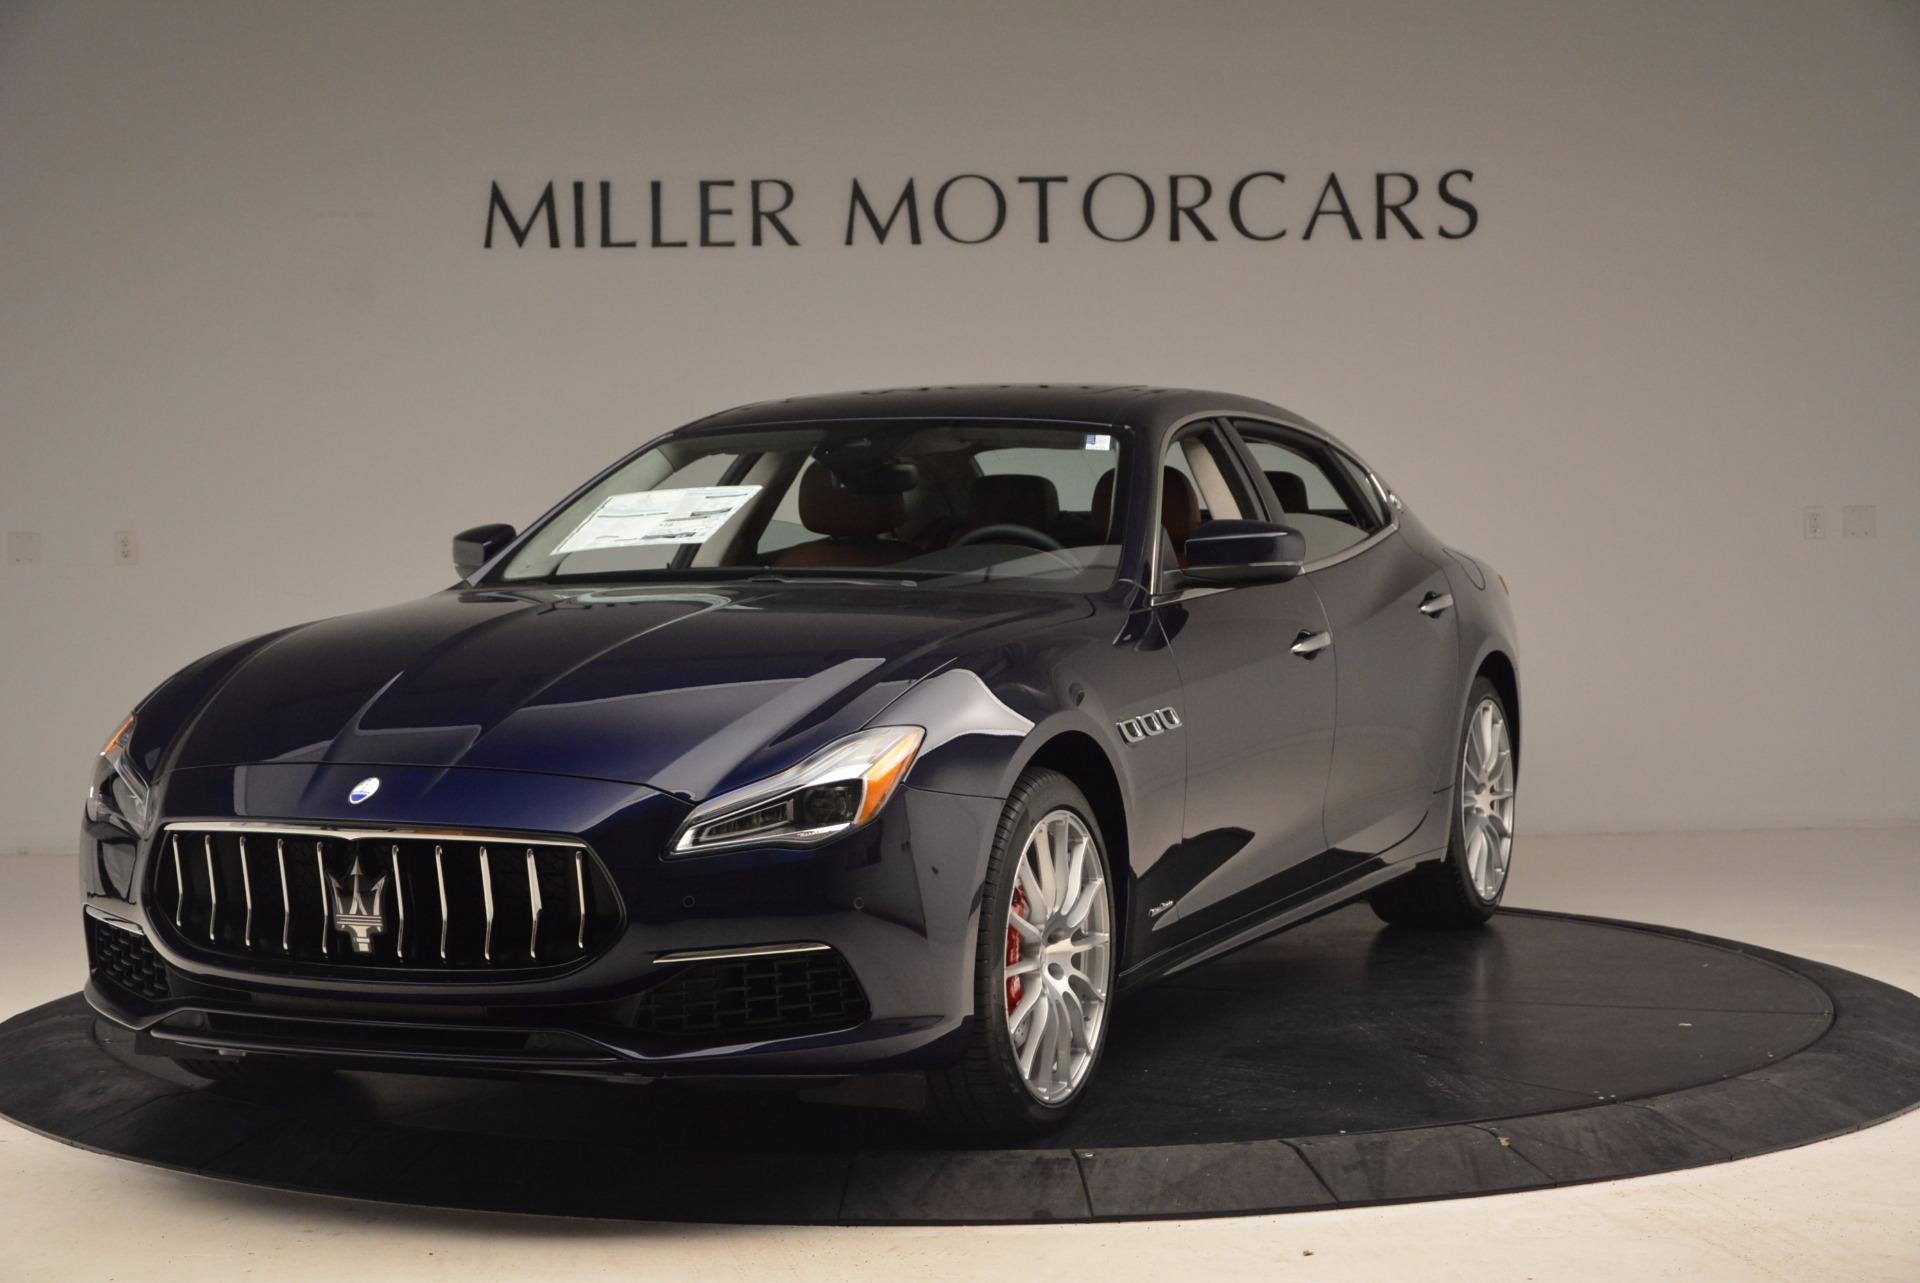 New 2018 Maserati Quattroporte S Q4 GranLusso For Sale In Greenwich, CT 1614_main